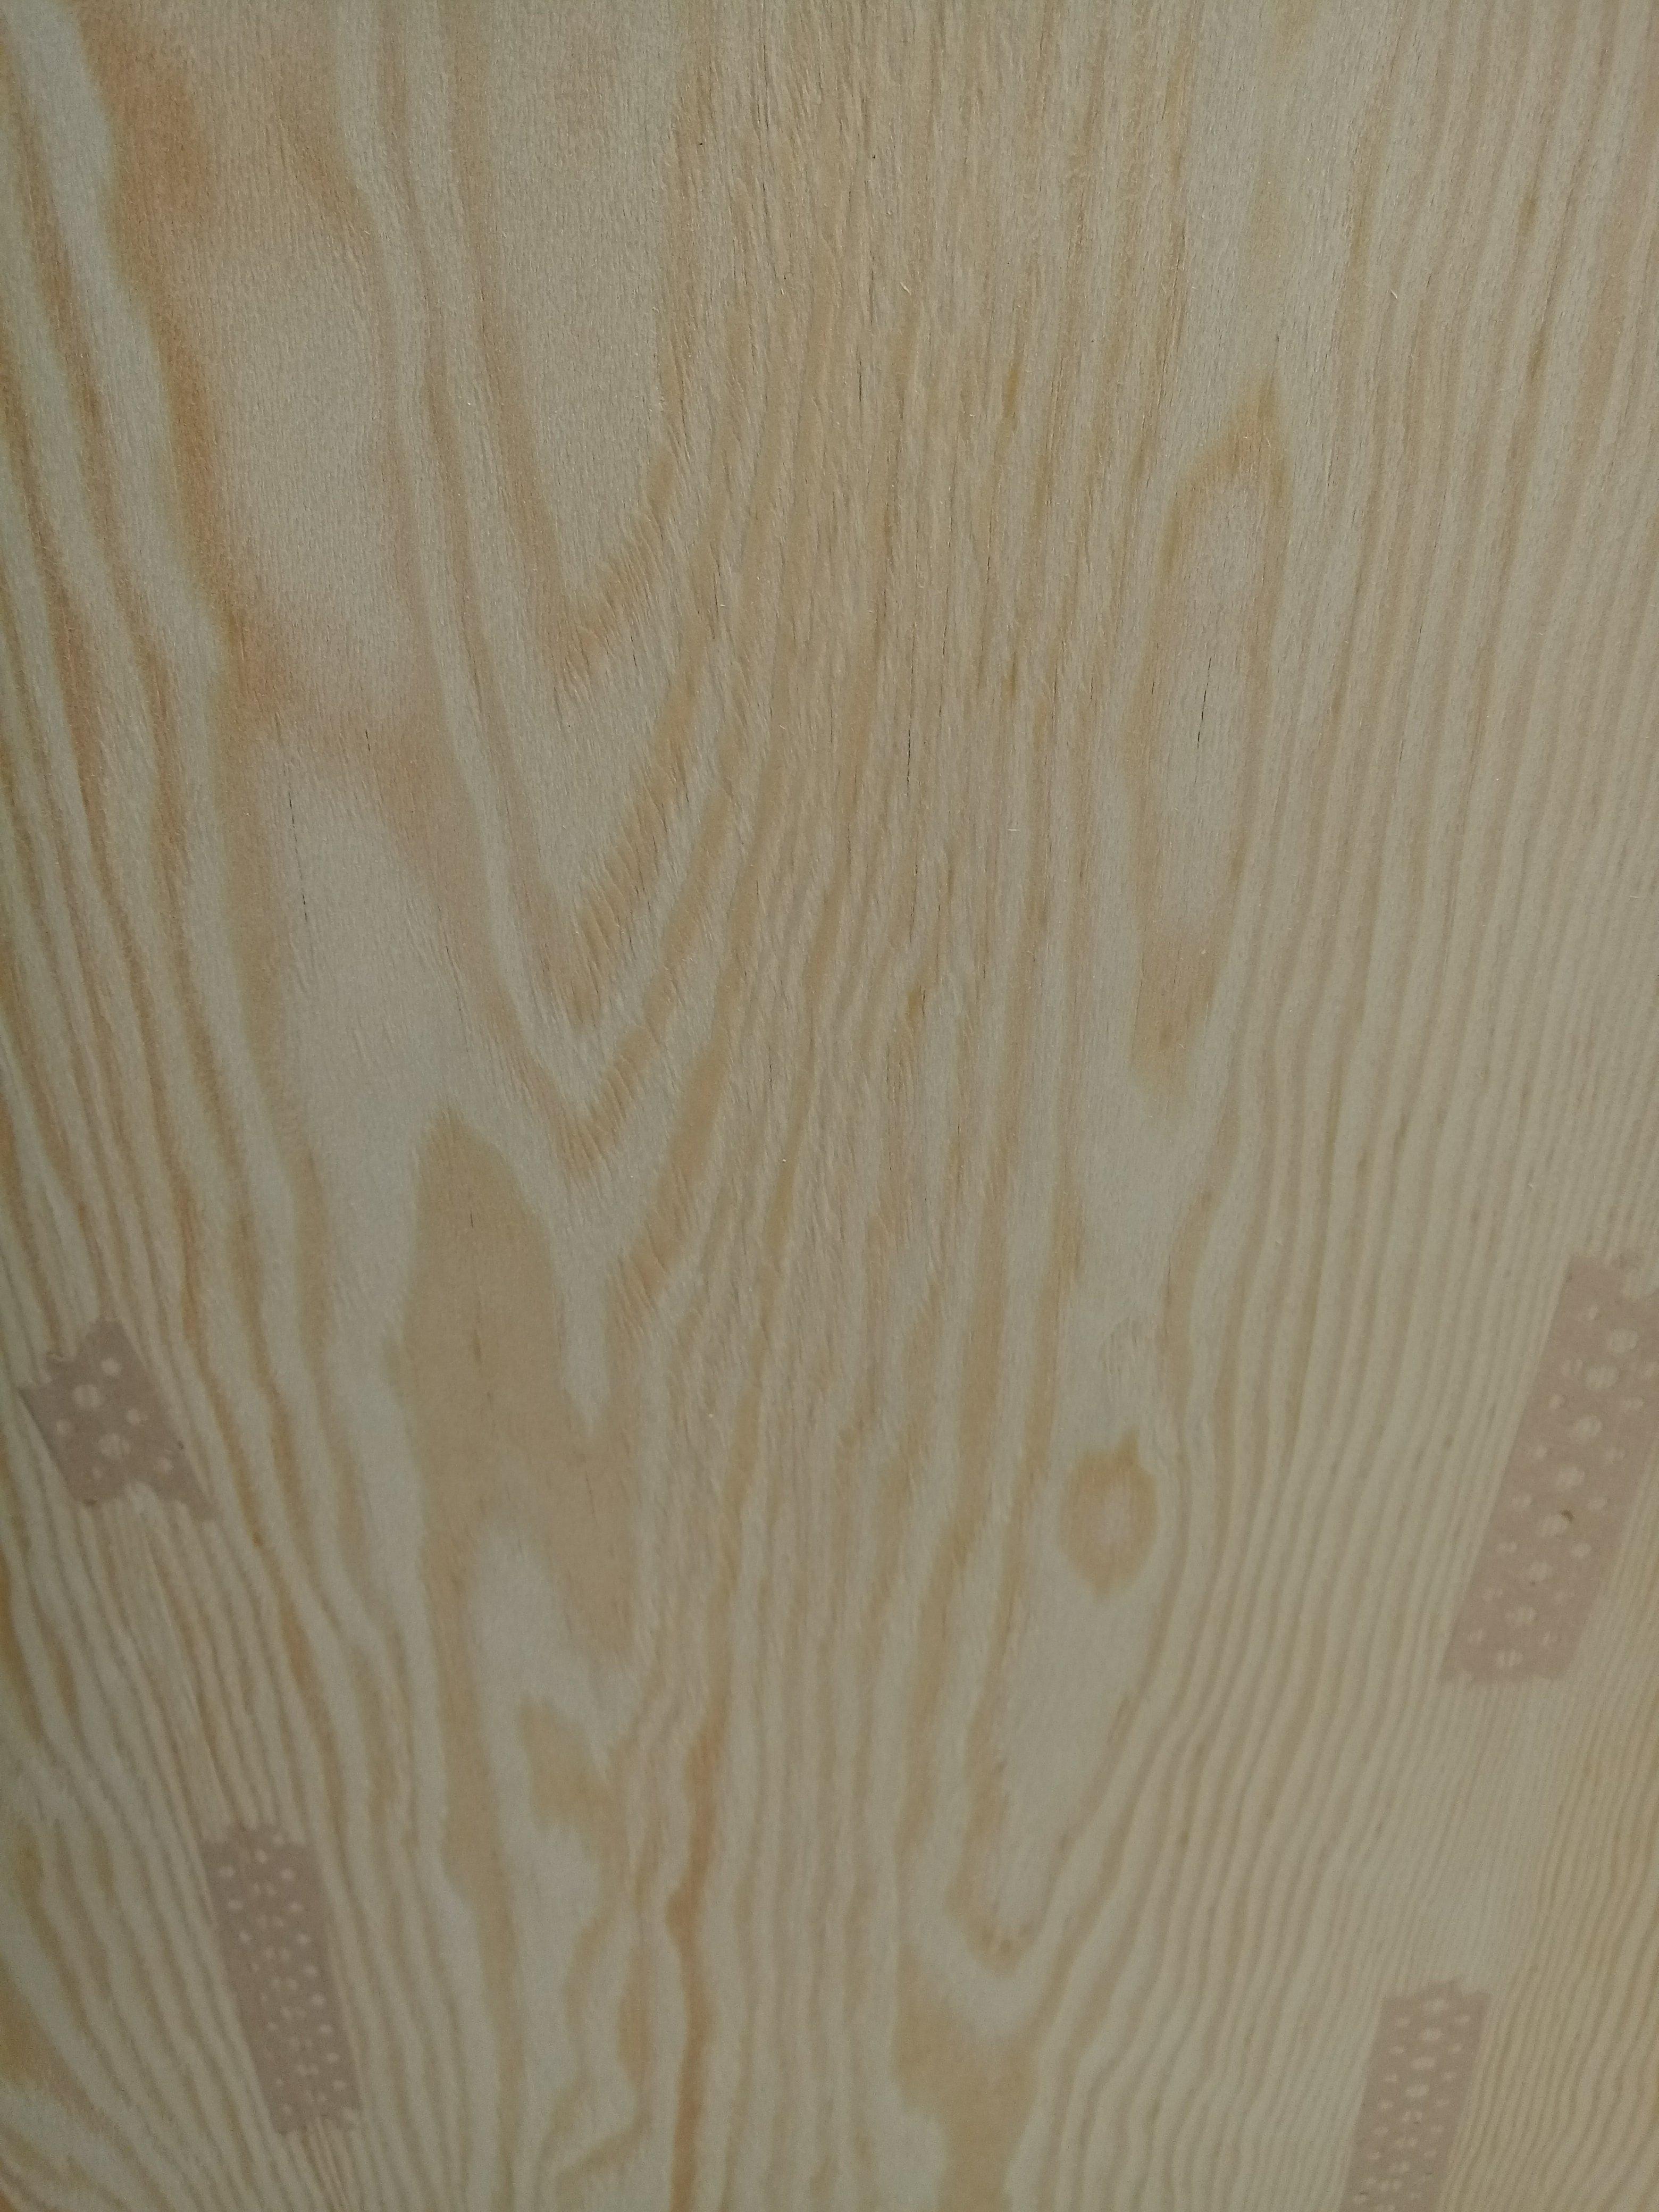 انواع روکش چوب در بازار چوب ایران